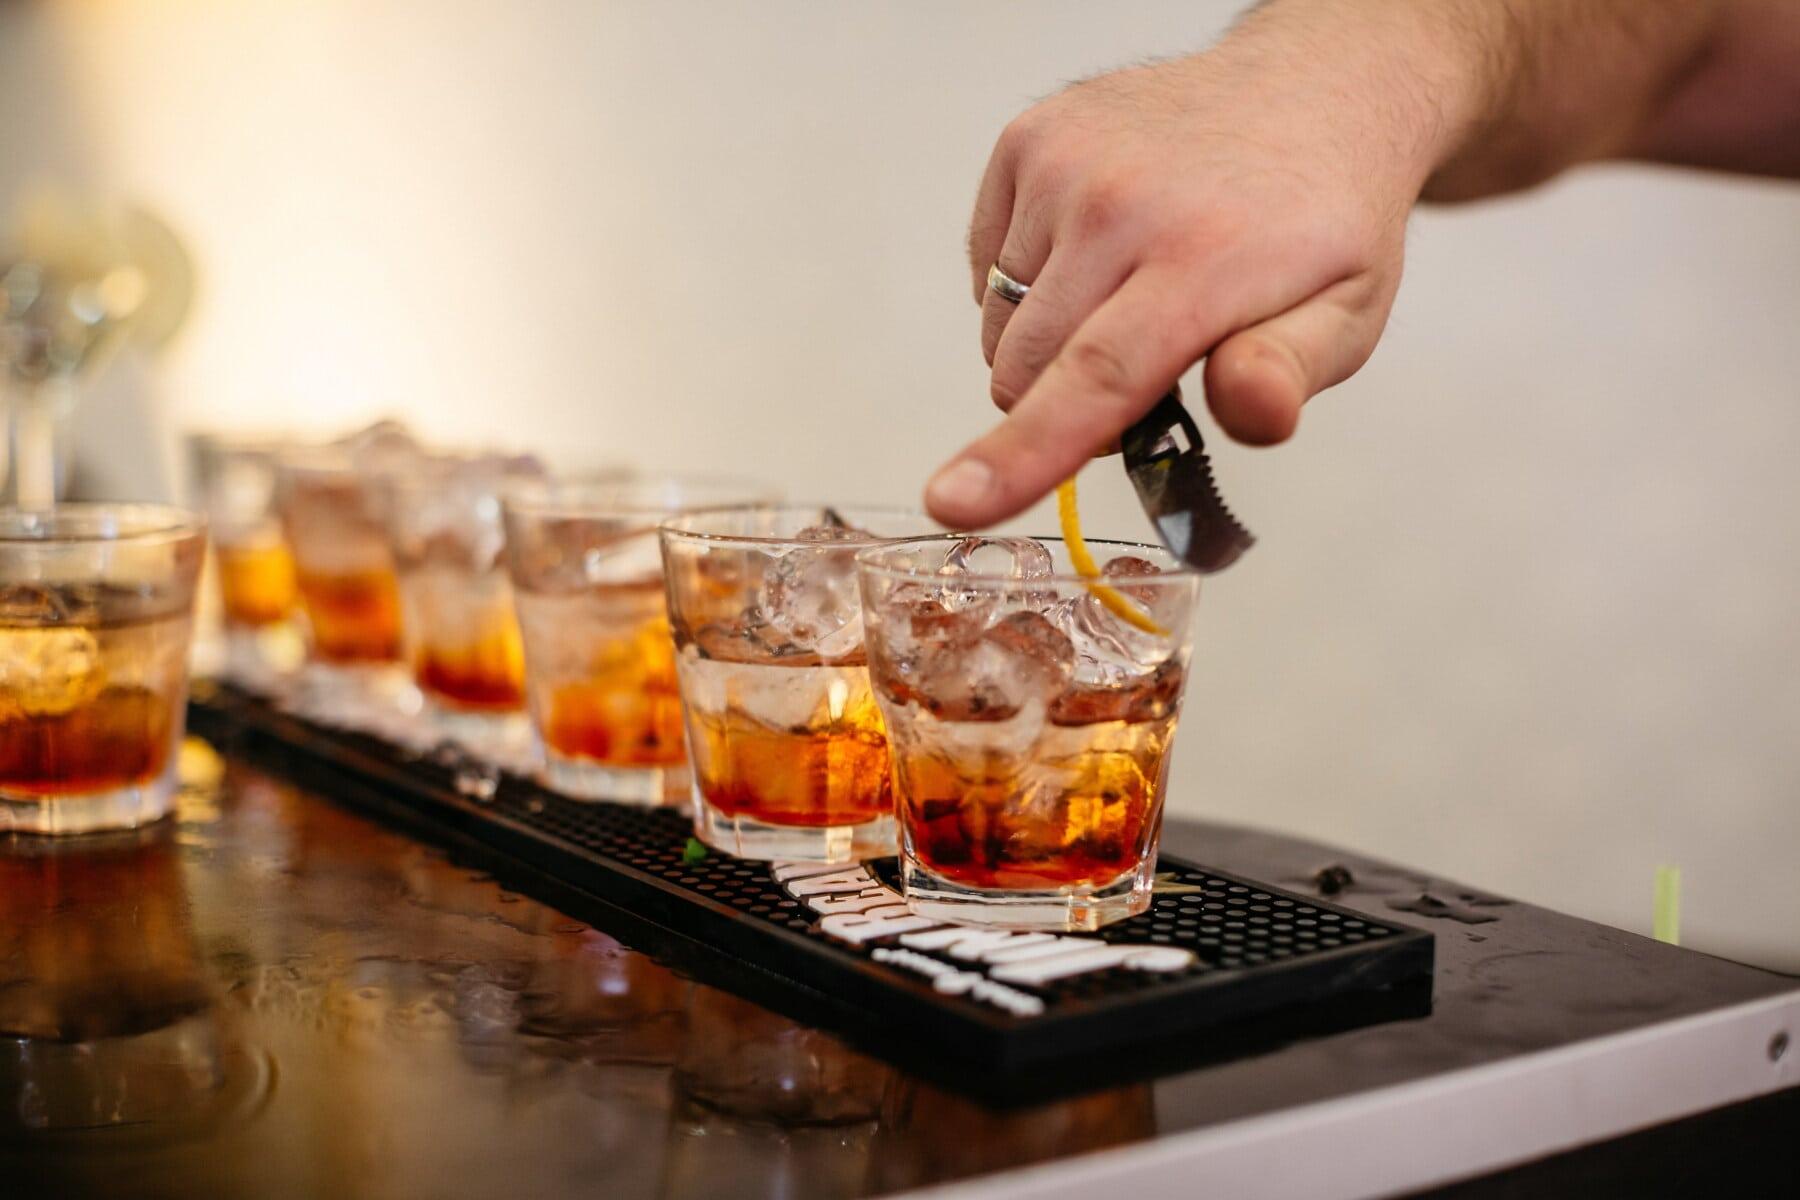 алкоголь, лід кристал, лід, вода з льодом, коктейлі, бармен, Нічний клуб, Нічне життя, рука, скло